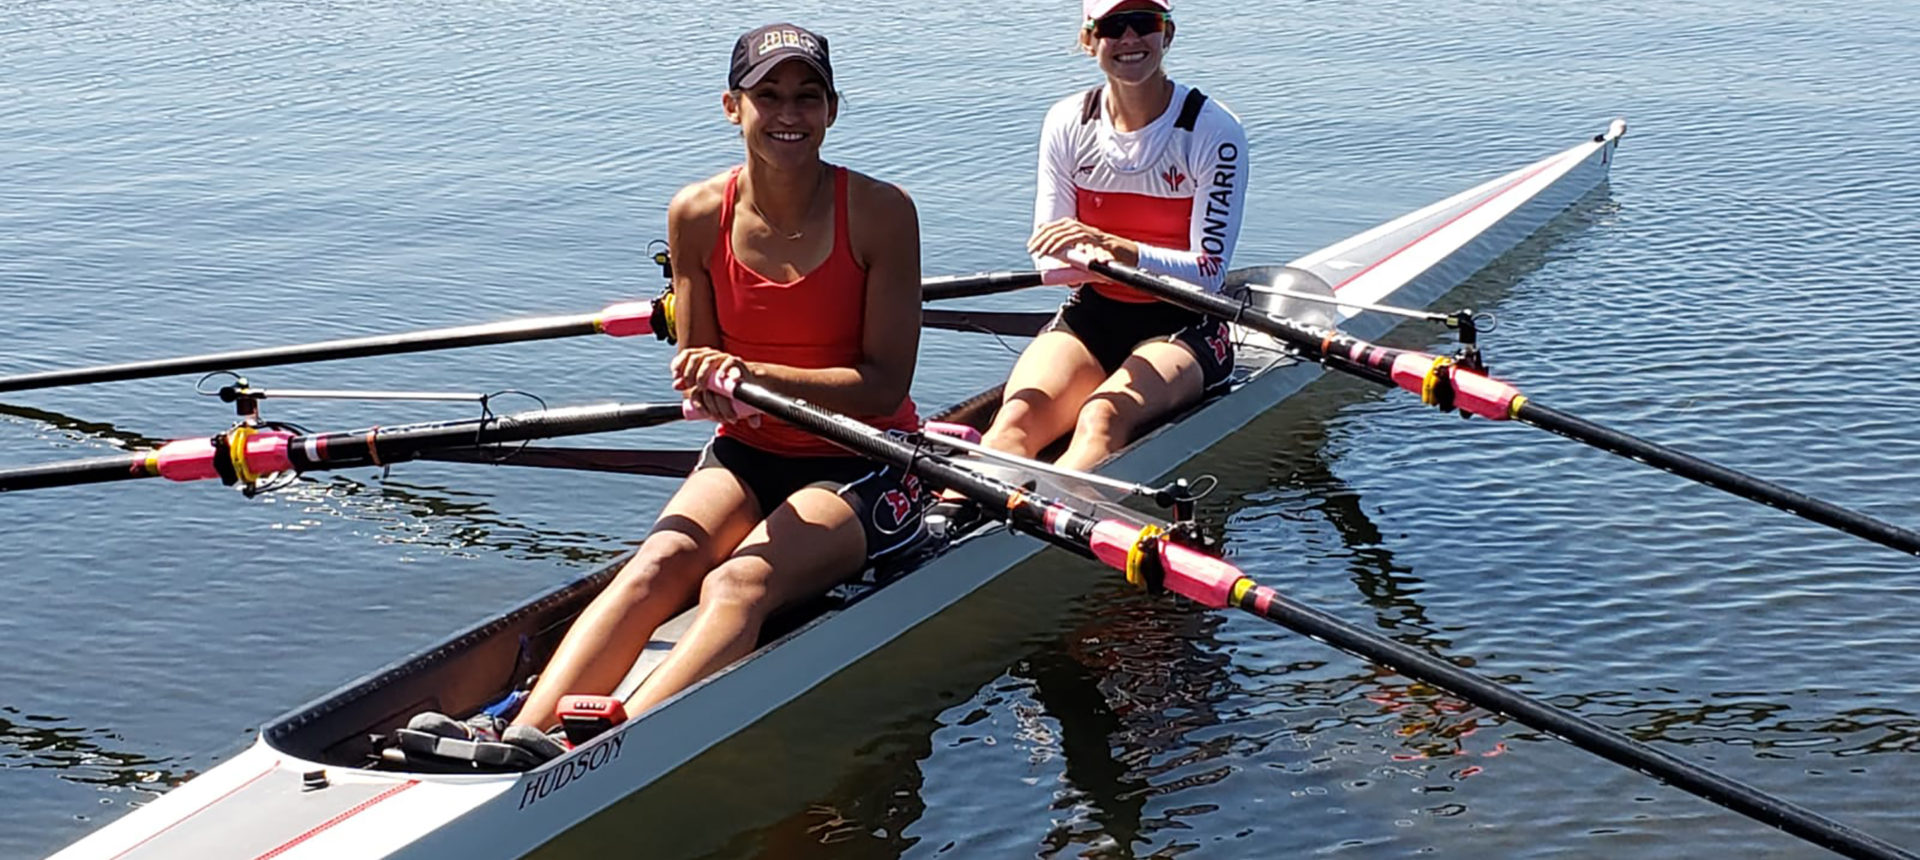 Deux mamans canadiennes prêtes à vivre l'expérience des Jeux panaméricains